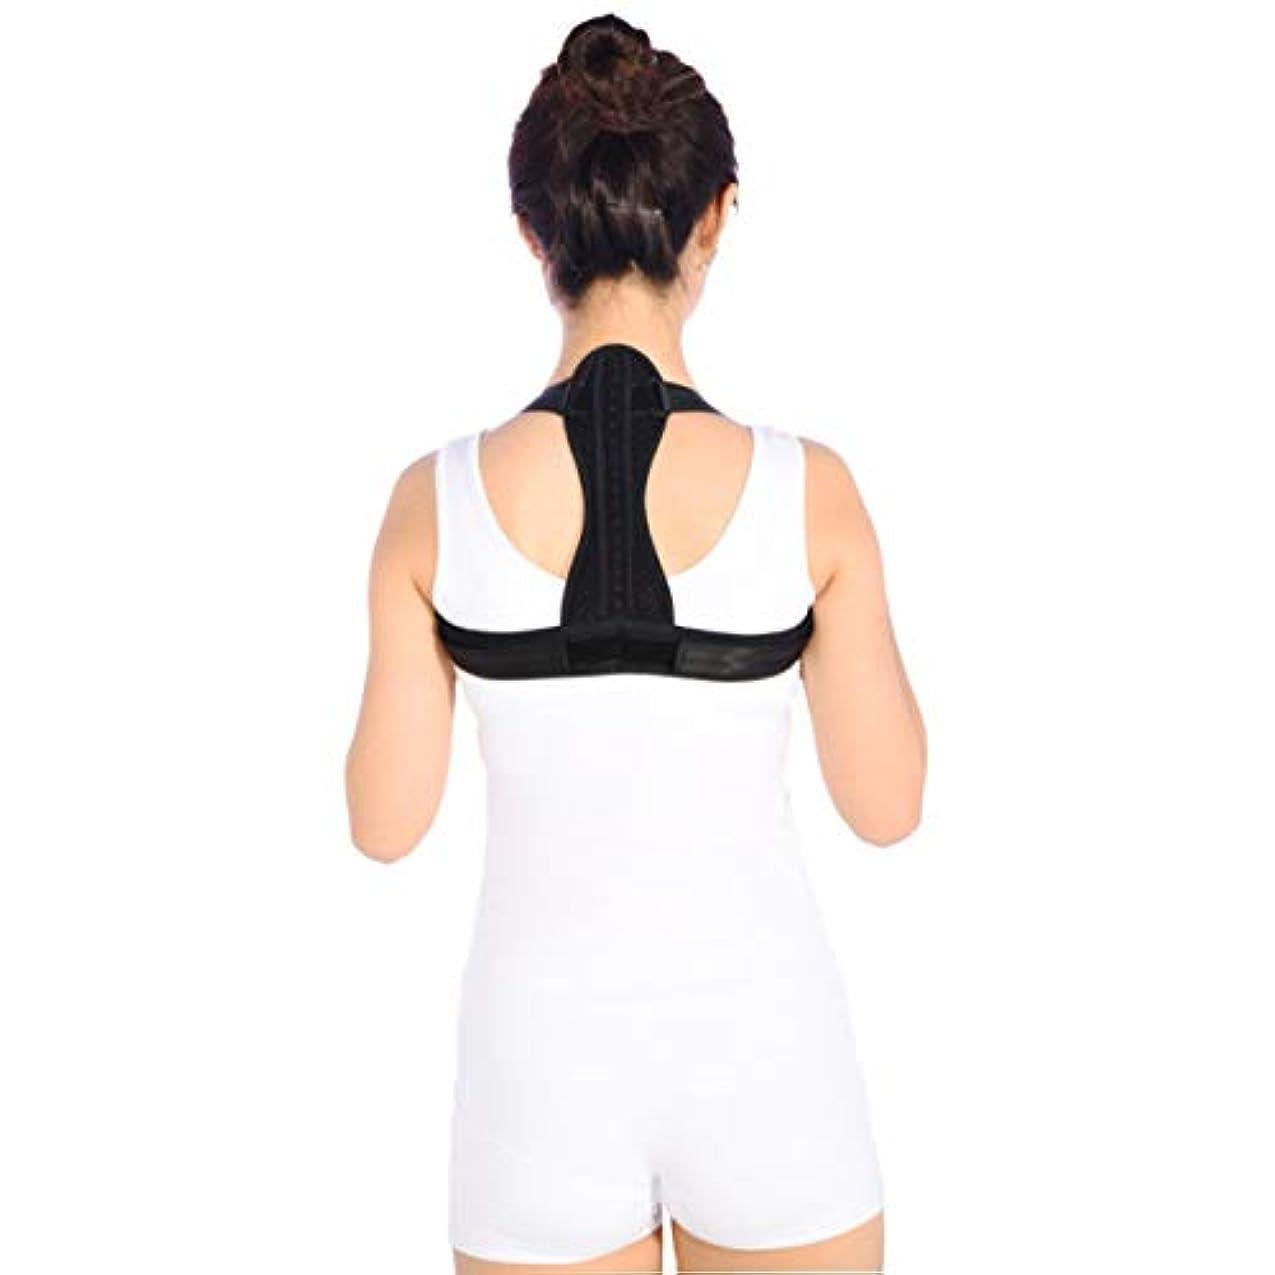 弱いワット穏やかな通気性の脊柱側弯症ザトウクジラ補正ベルト調節可能な快適さ目に見えないベルト男性女性大人学生子供 - 黒